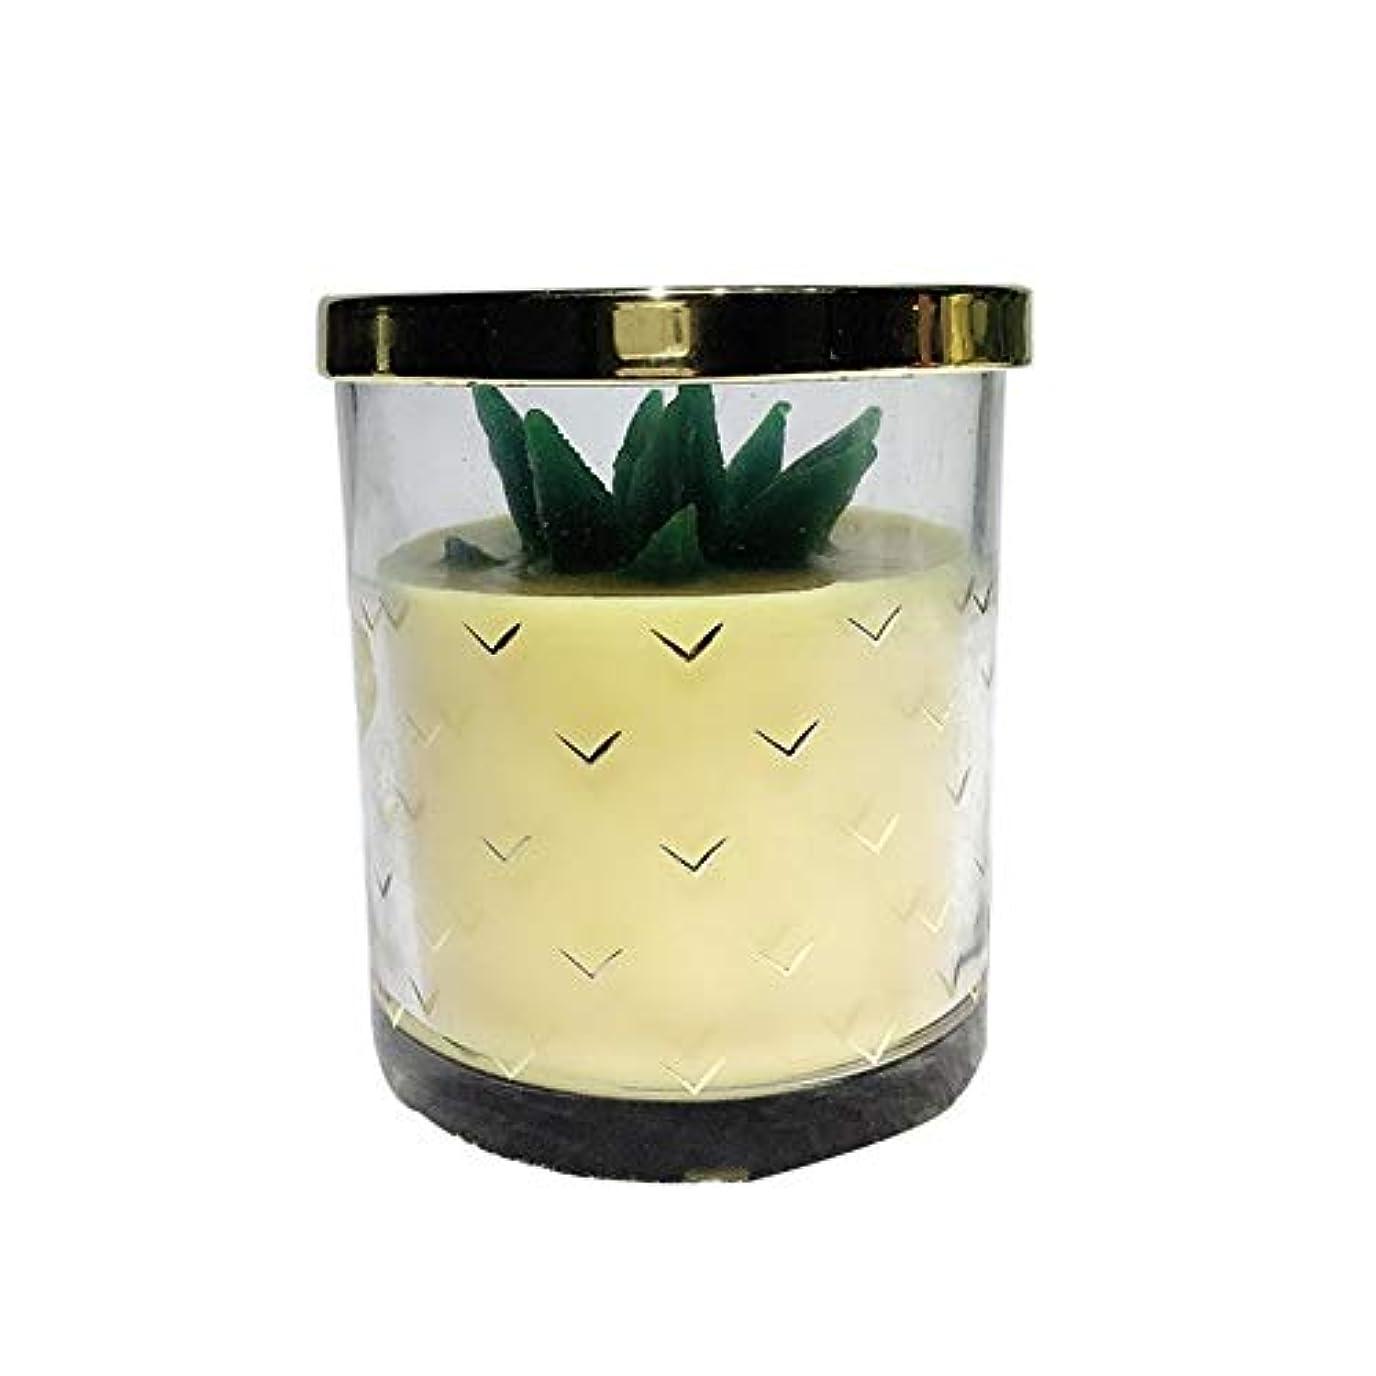 一生シンプルな肘掛け椅子Guomao 大豆ワックスフルーツキャンドルバレンタインデークリエイティブギフト (色 : Pineapple)